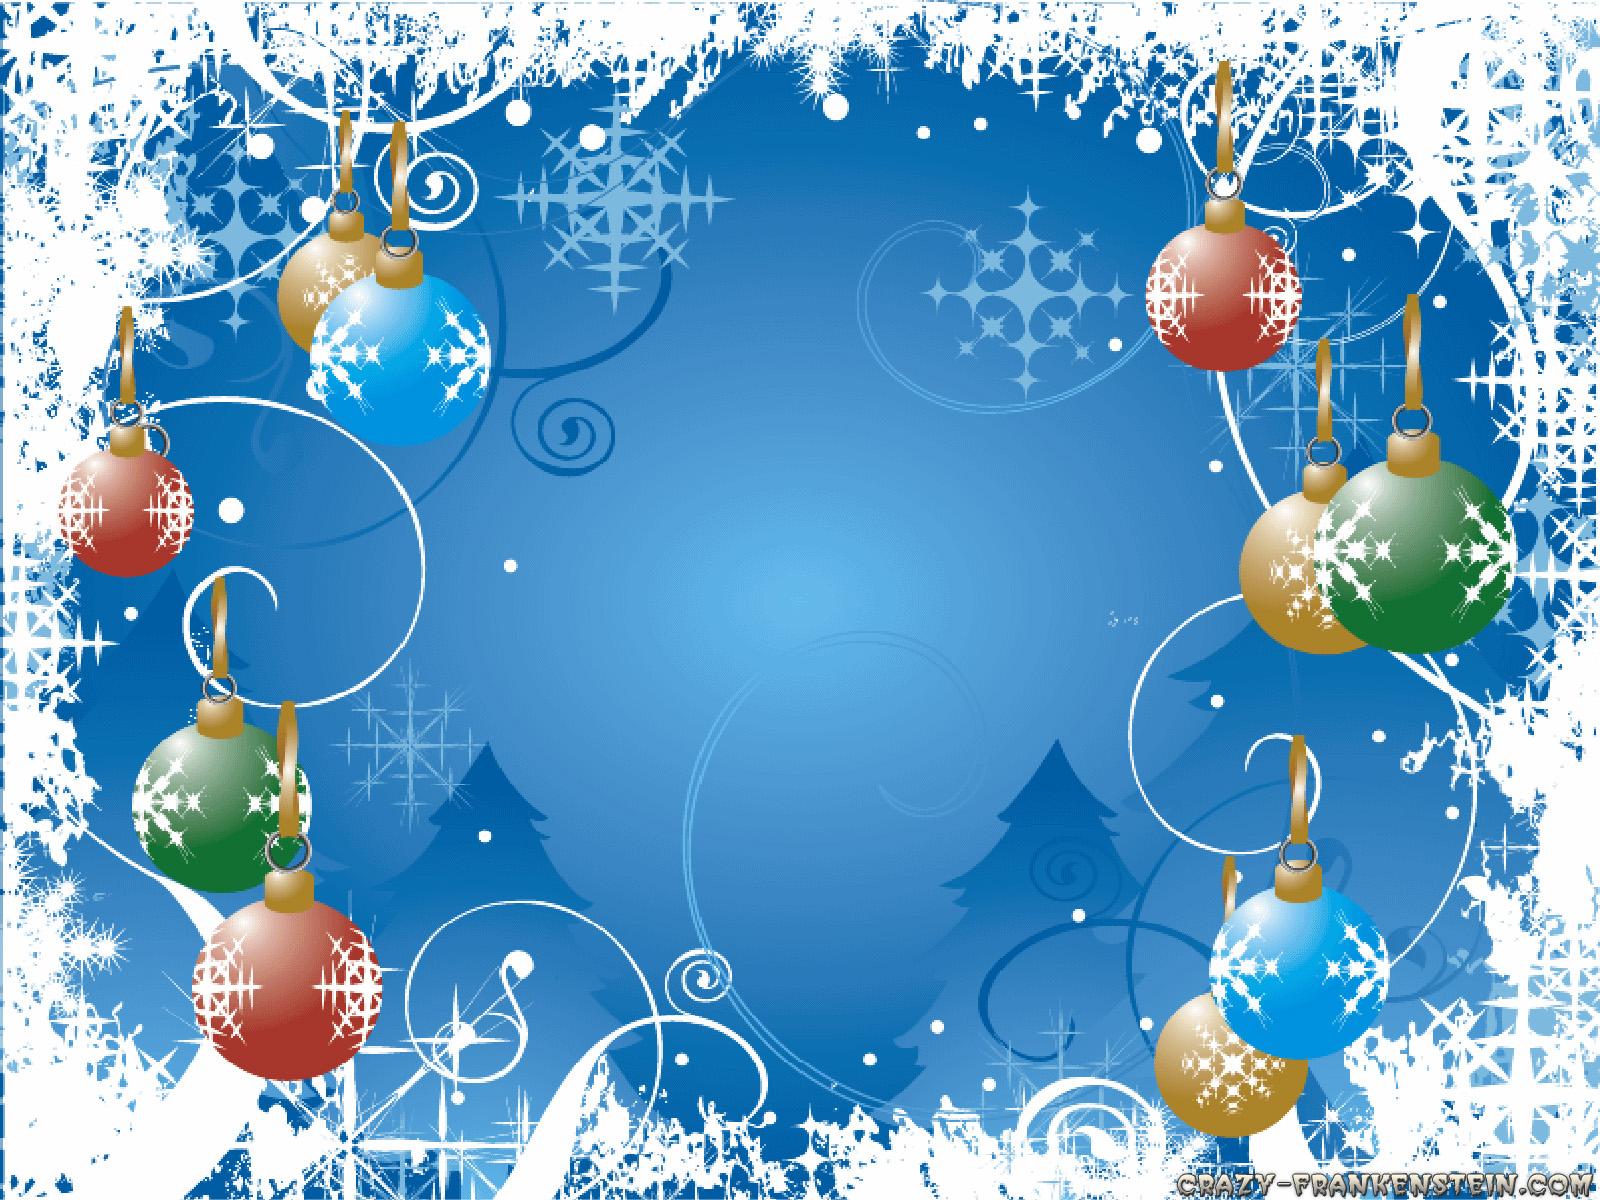 Wallpaper de bolas de navidad